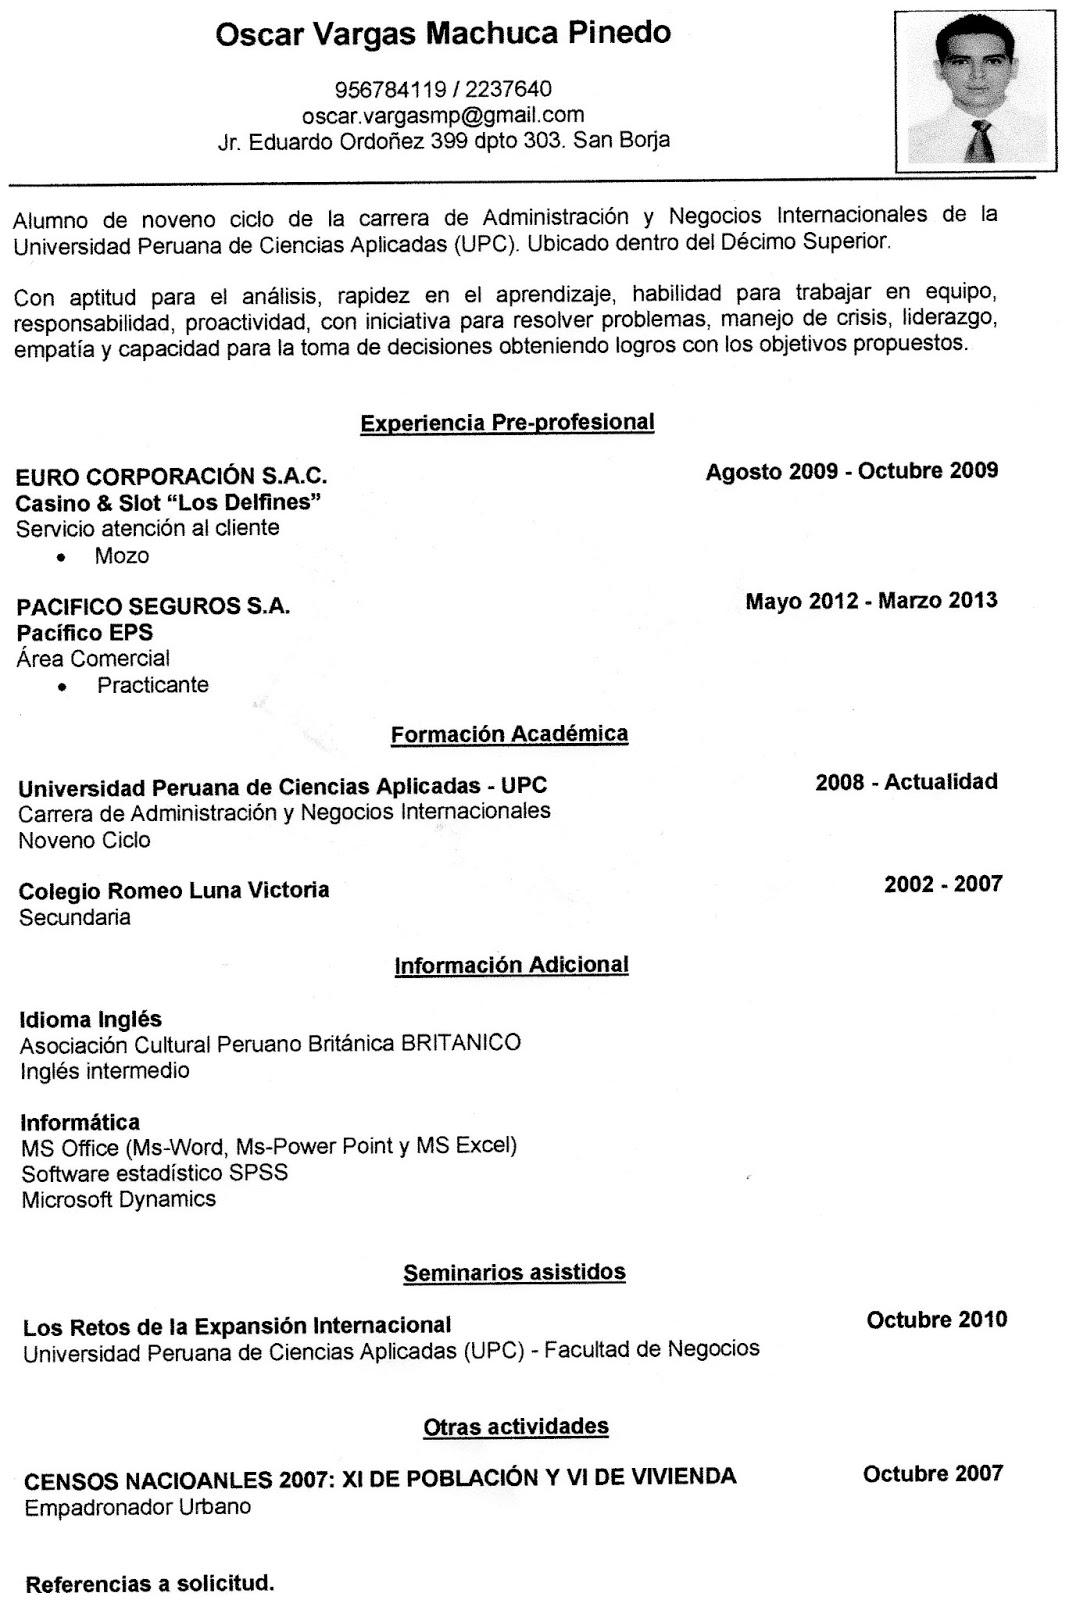 Oscar Vargas Machuca Curriculum Vitae